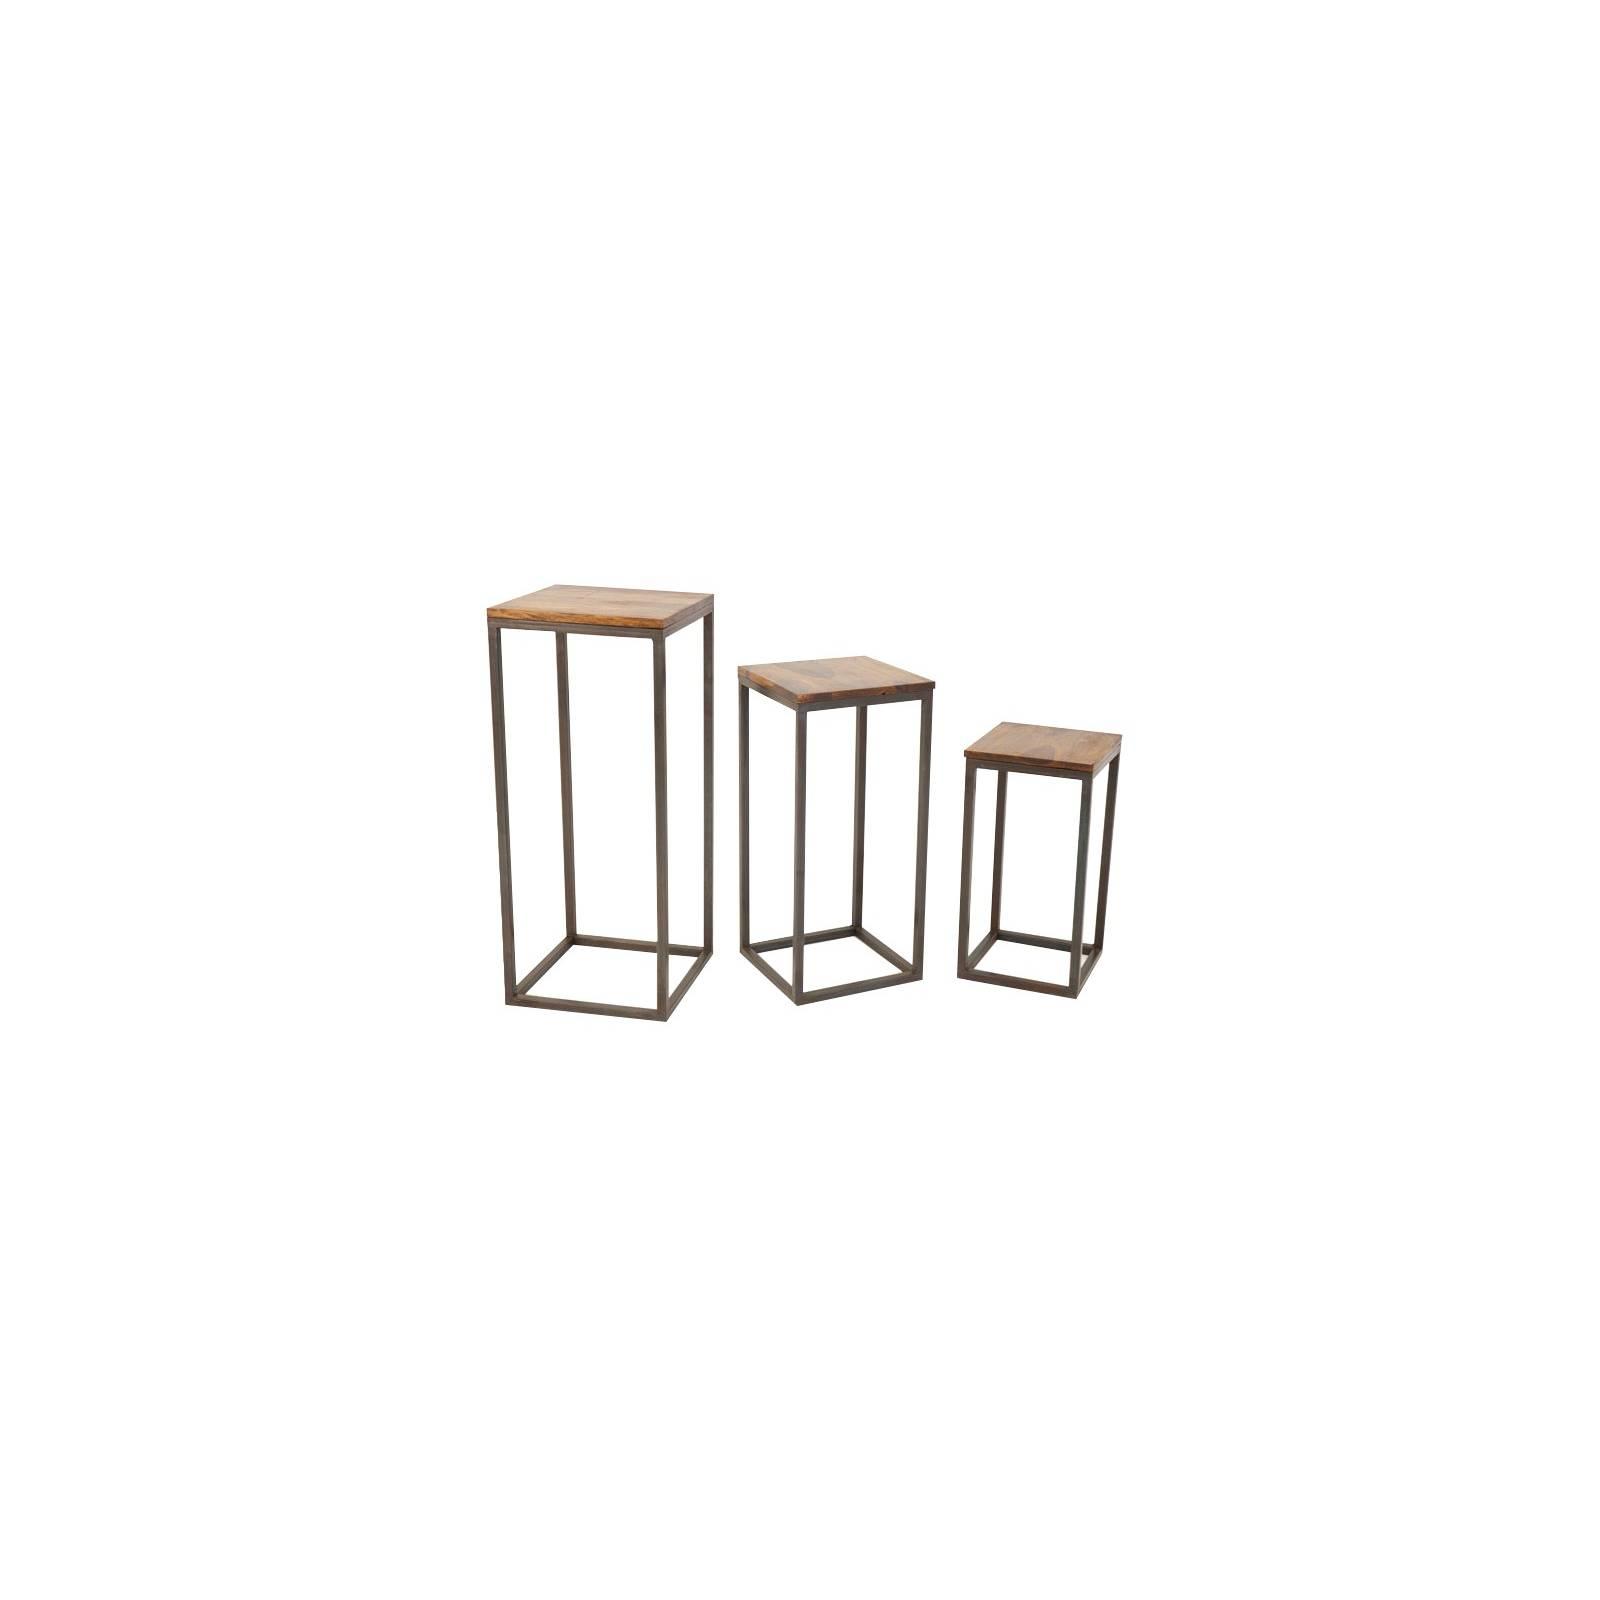 Sellette Set Loft Fer Forgé et Palissandre - meuble style industriel